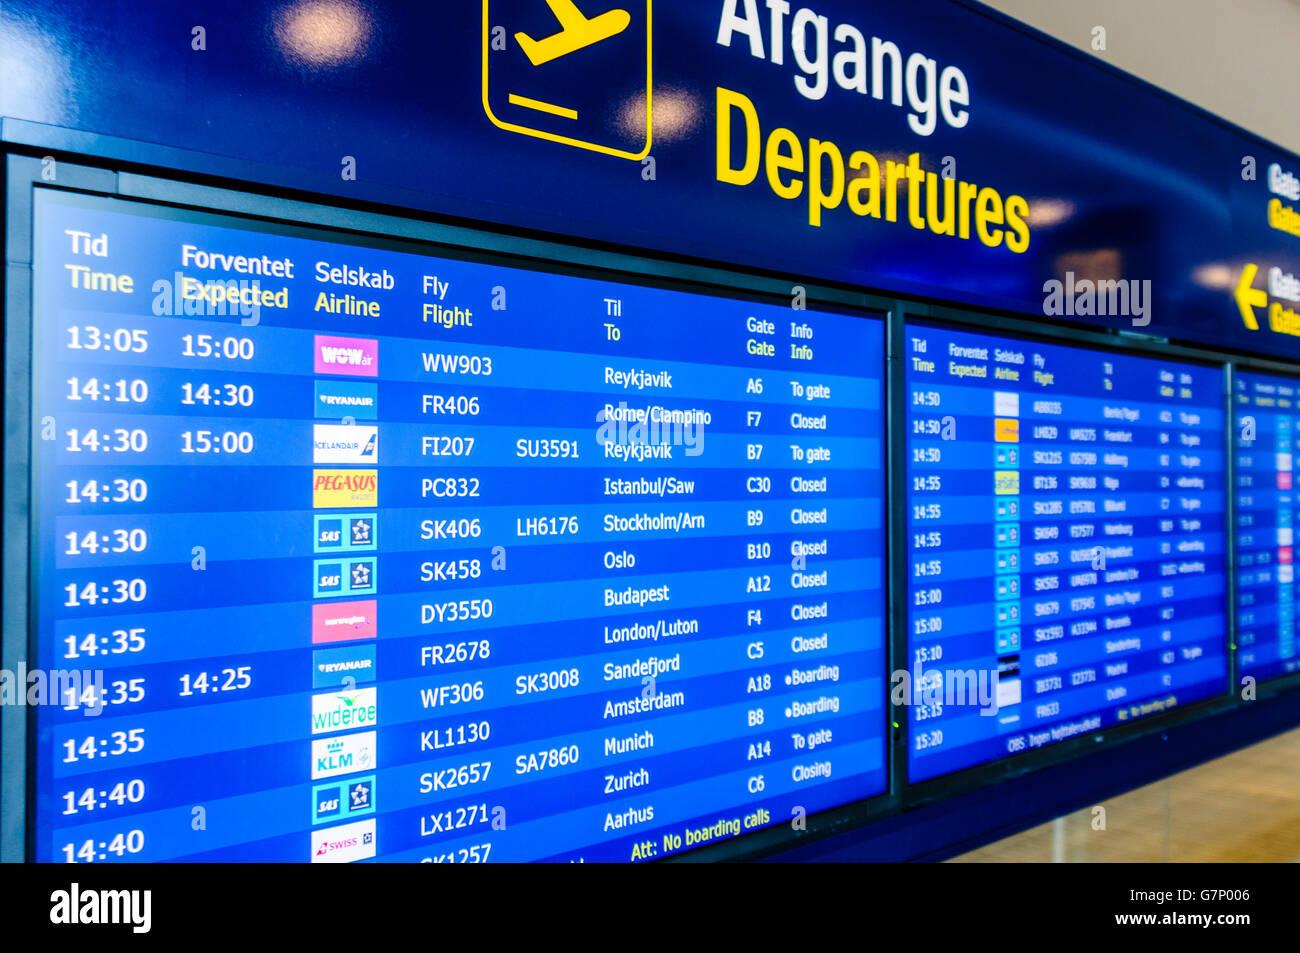 Departures board at Copenhagen Airport. - Stock Image